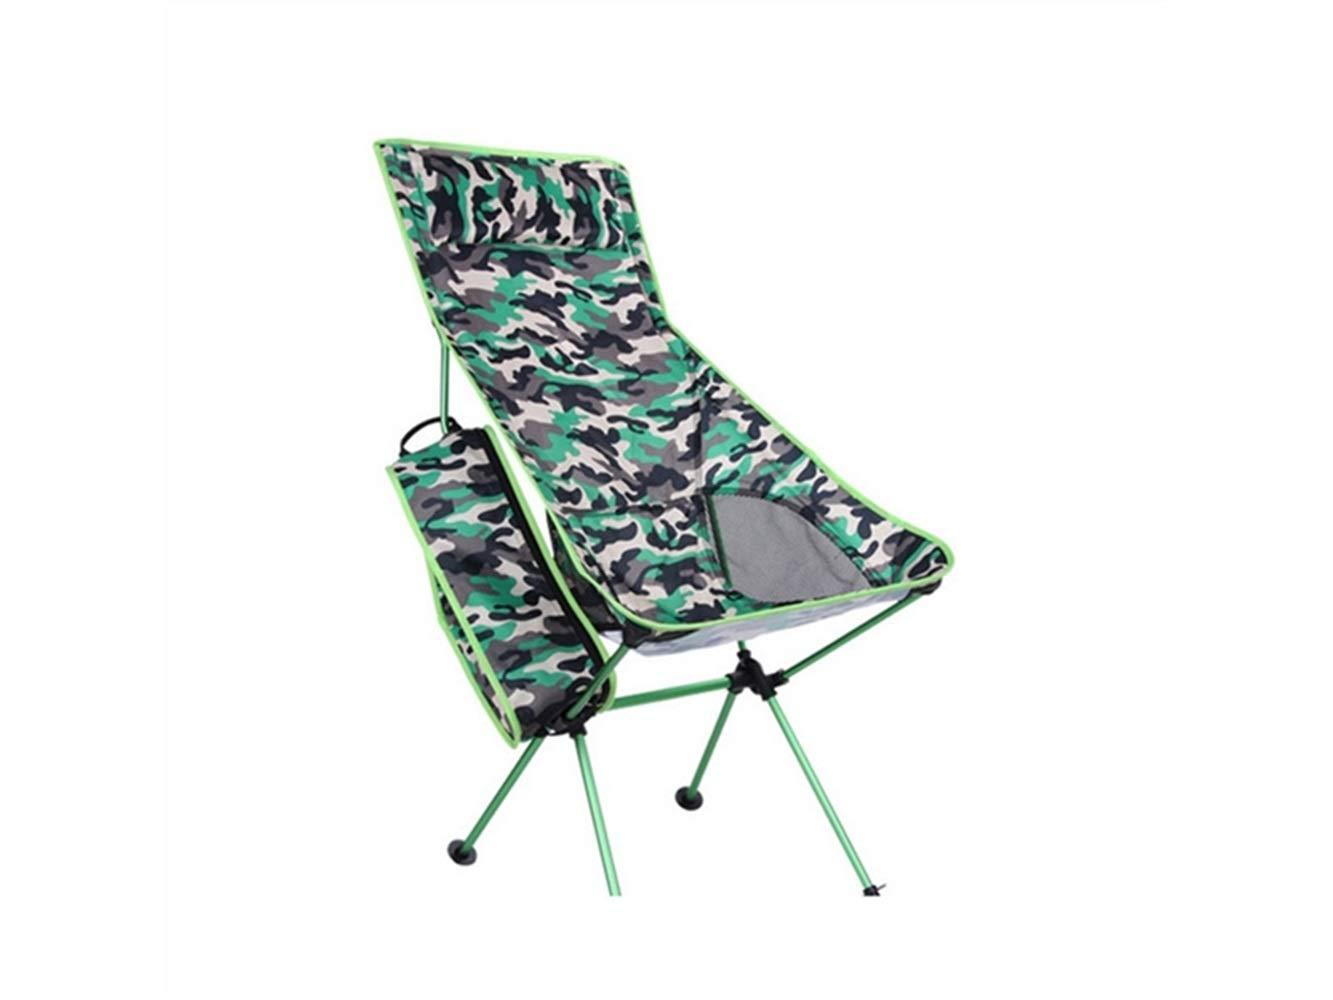 LMKIJN Bequemer Stuhl Tragbare Klapp Angeln Stuhl Liege Camping Stuhl für Outdoor und Angeln (Camouflage Grün) für den Urlaub